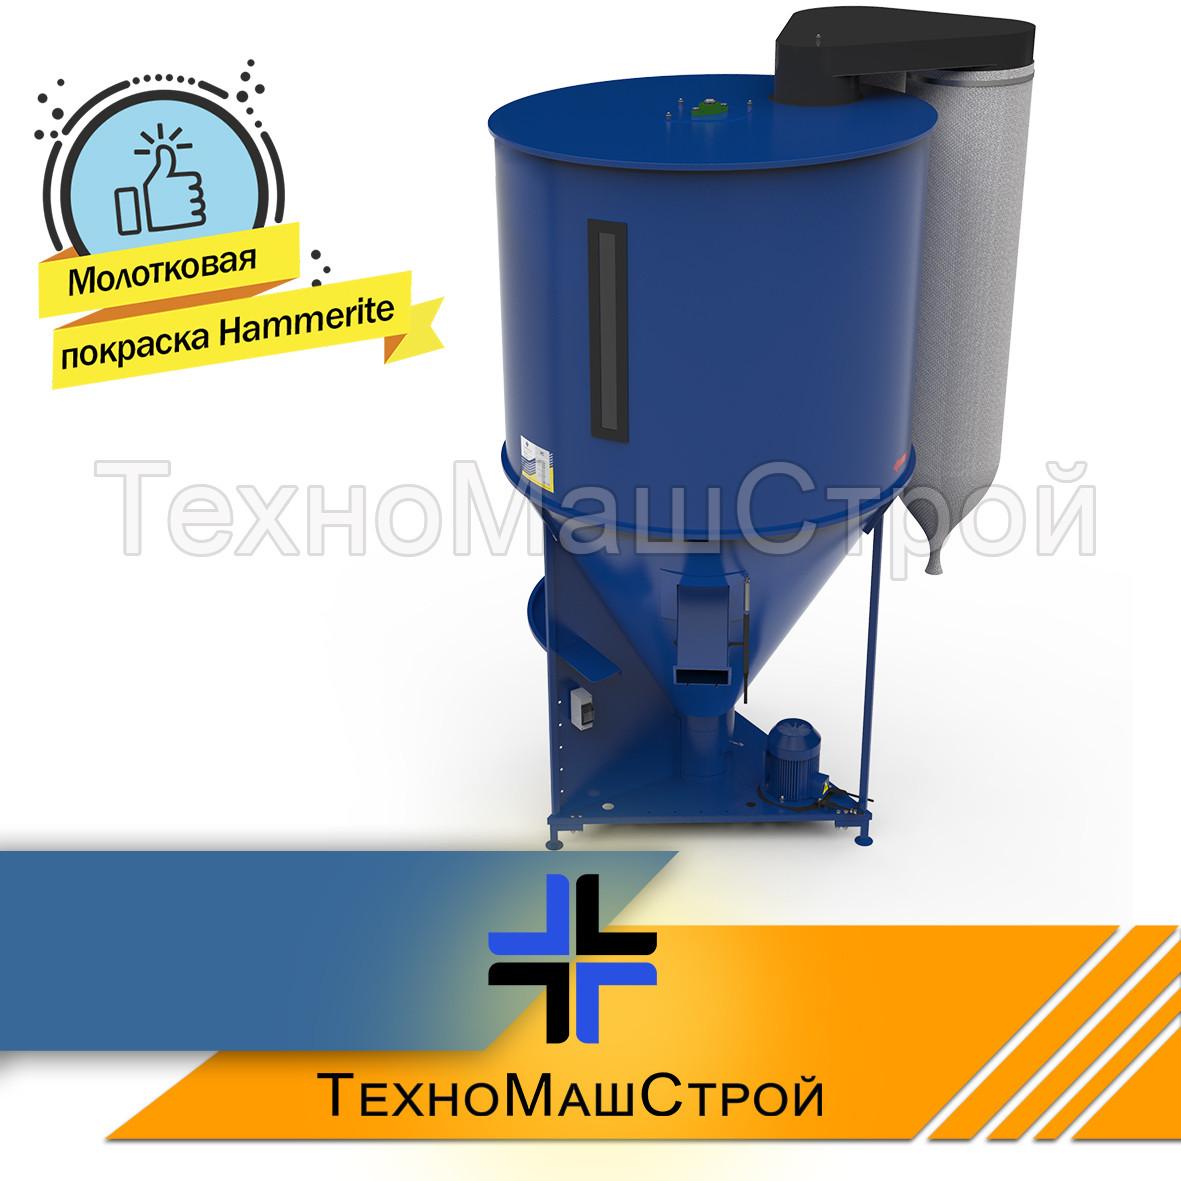 Смеситель корма, кормосмеситель (кормозмішувач) «КС - 1500»